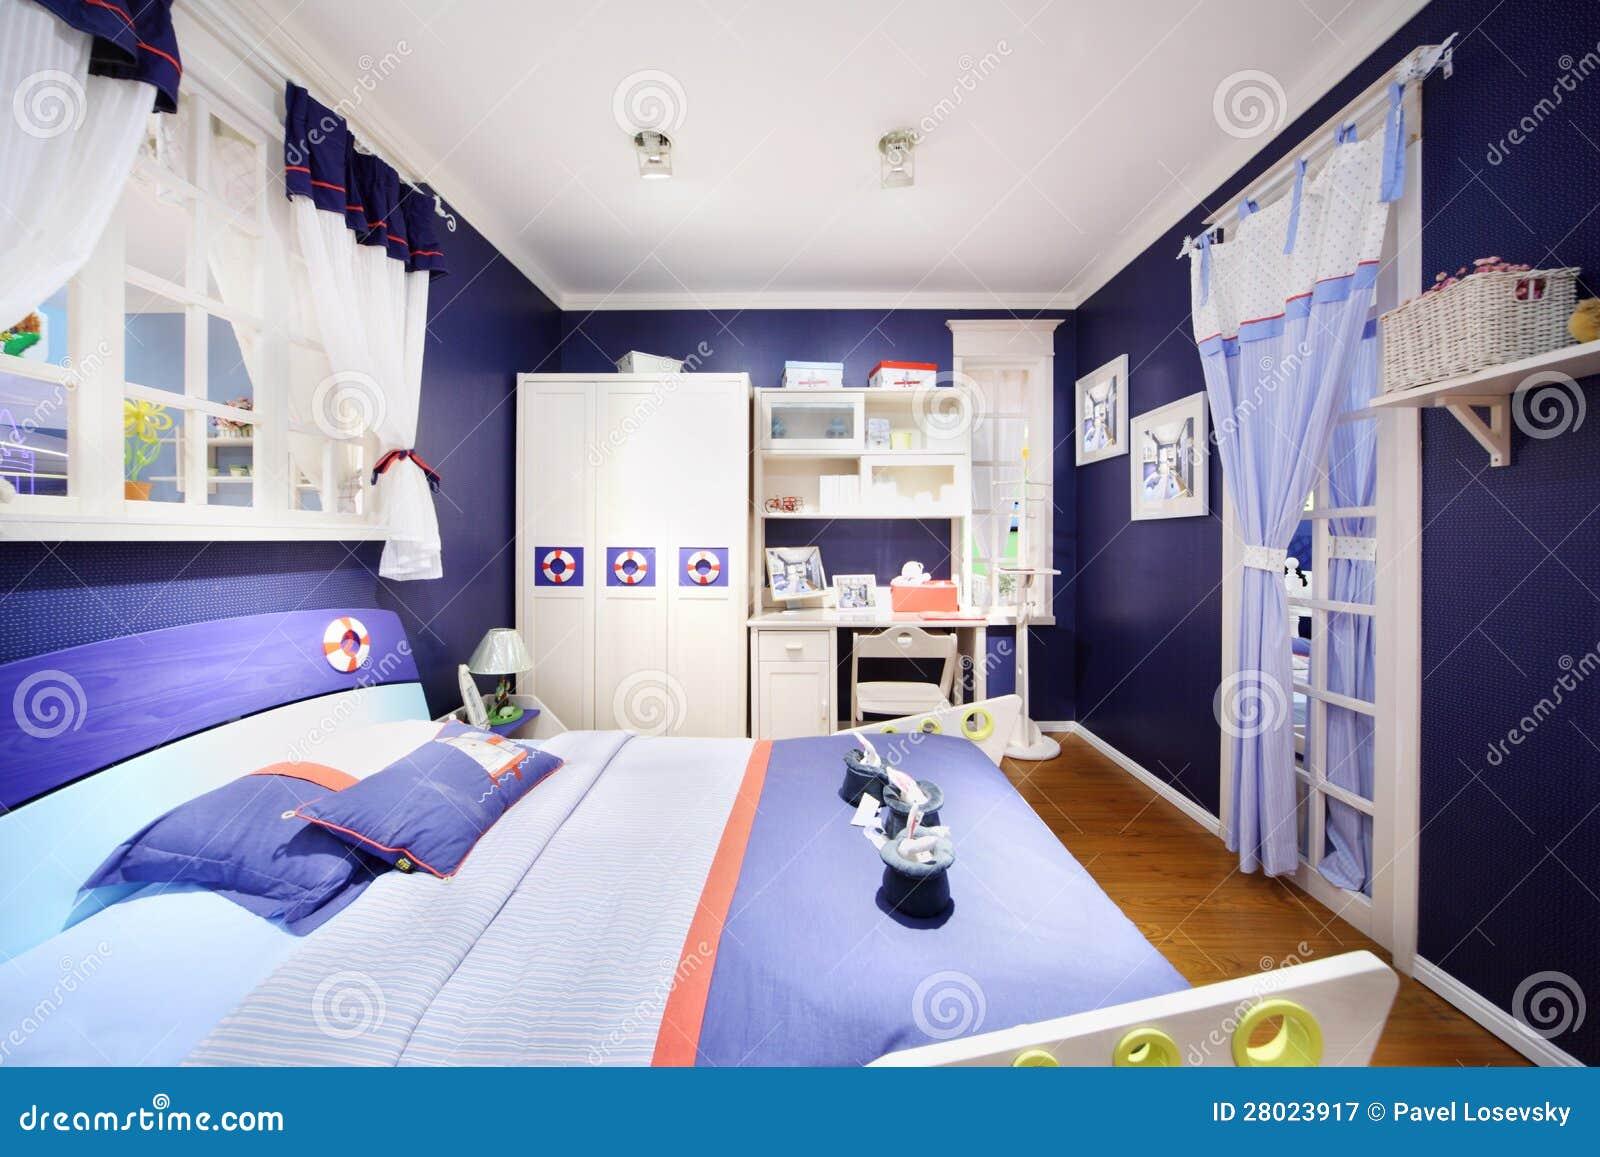 Stilvolles blaues schlafzimmer f r jungen stockbild bild von blume bequem 28023917 - Blaues schlafzimmer ...